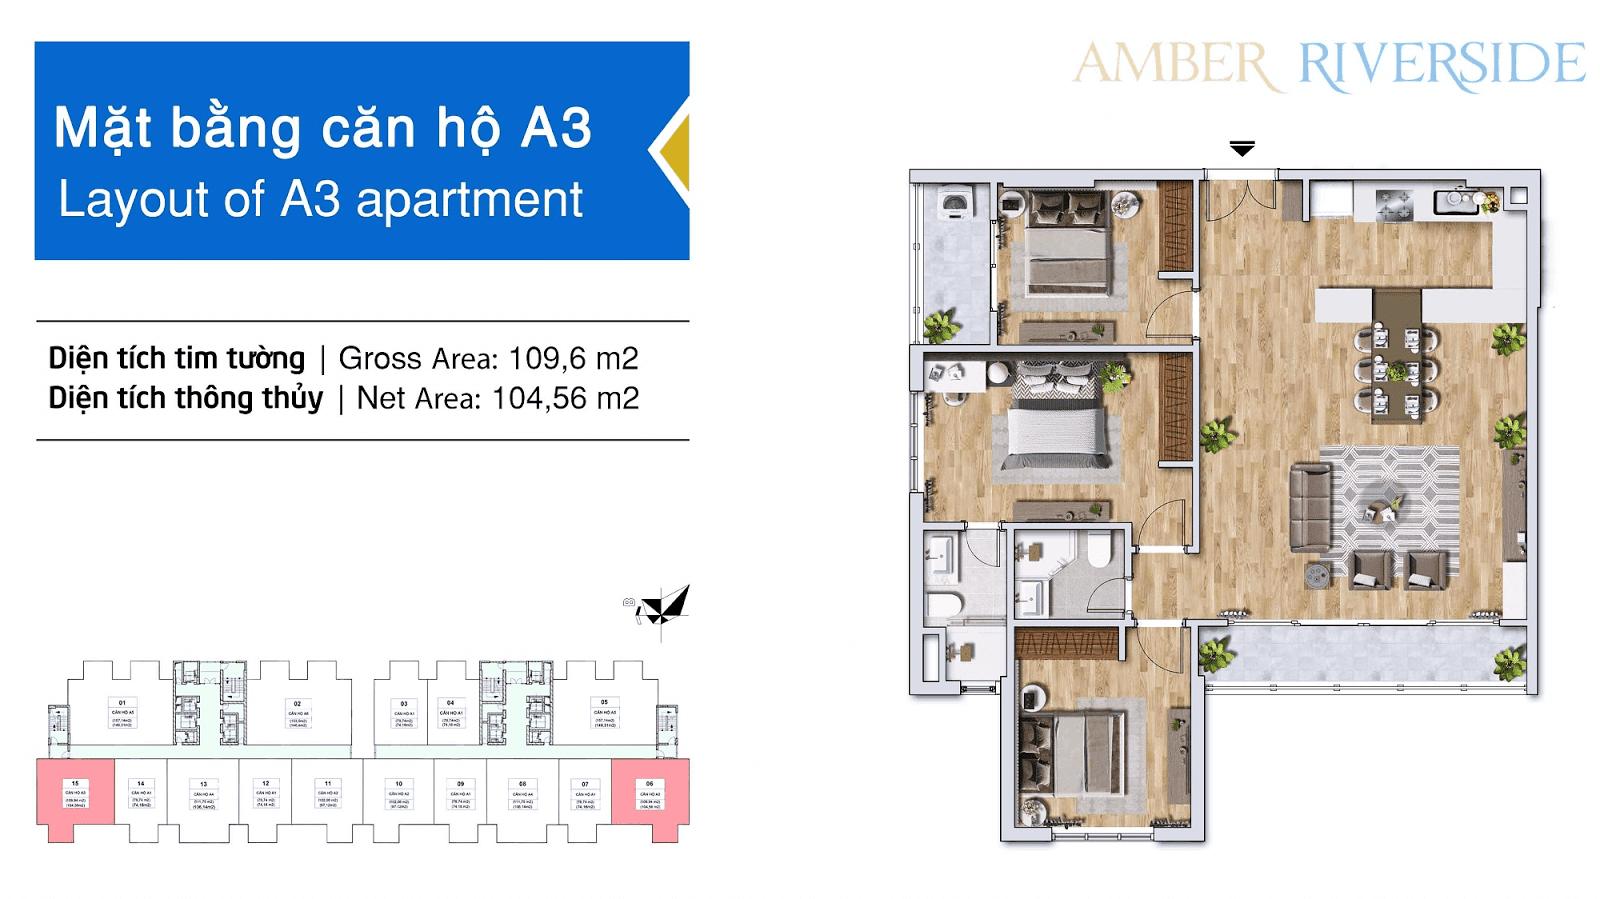 Diện tích căn hộ 3 phòng ngủ: 104,56m2.